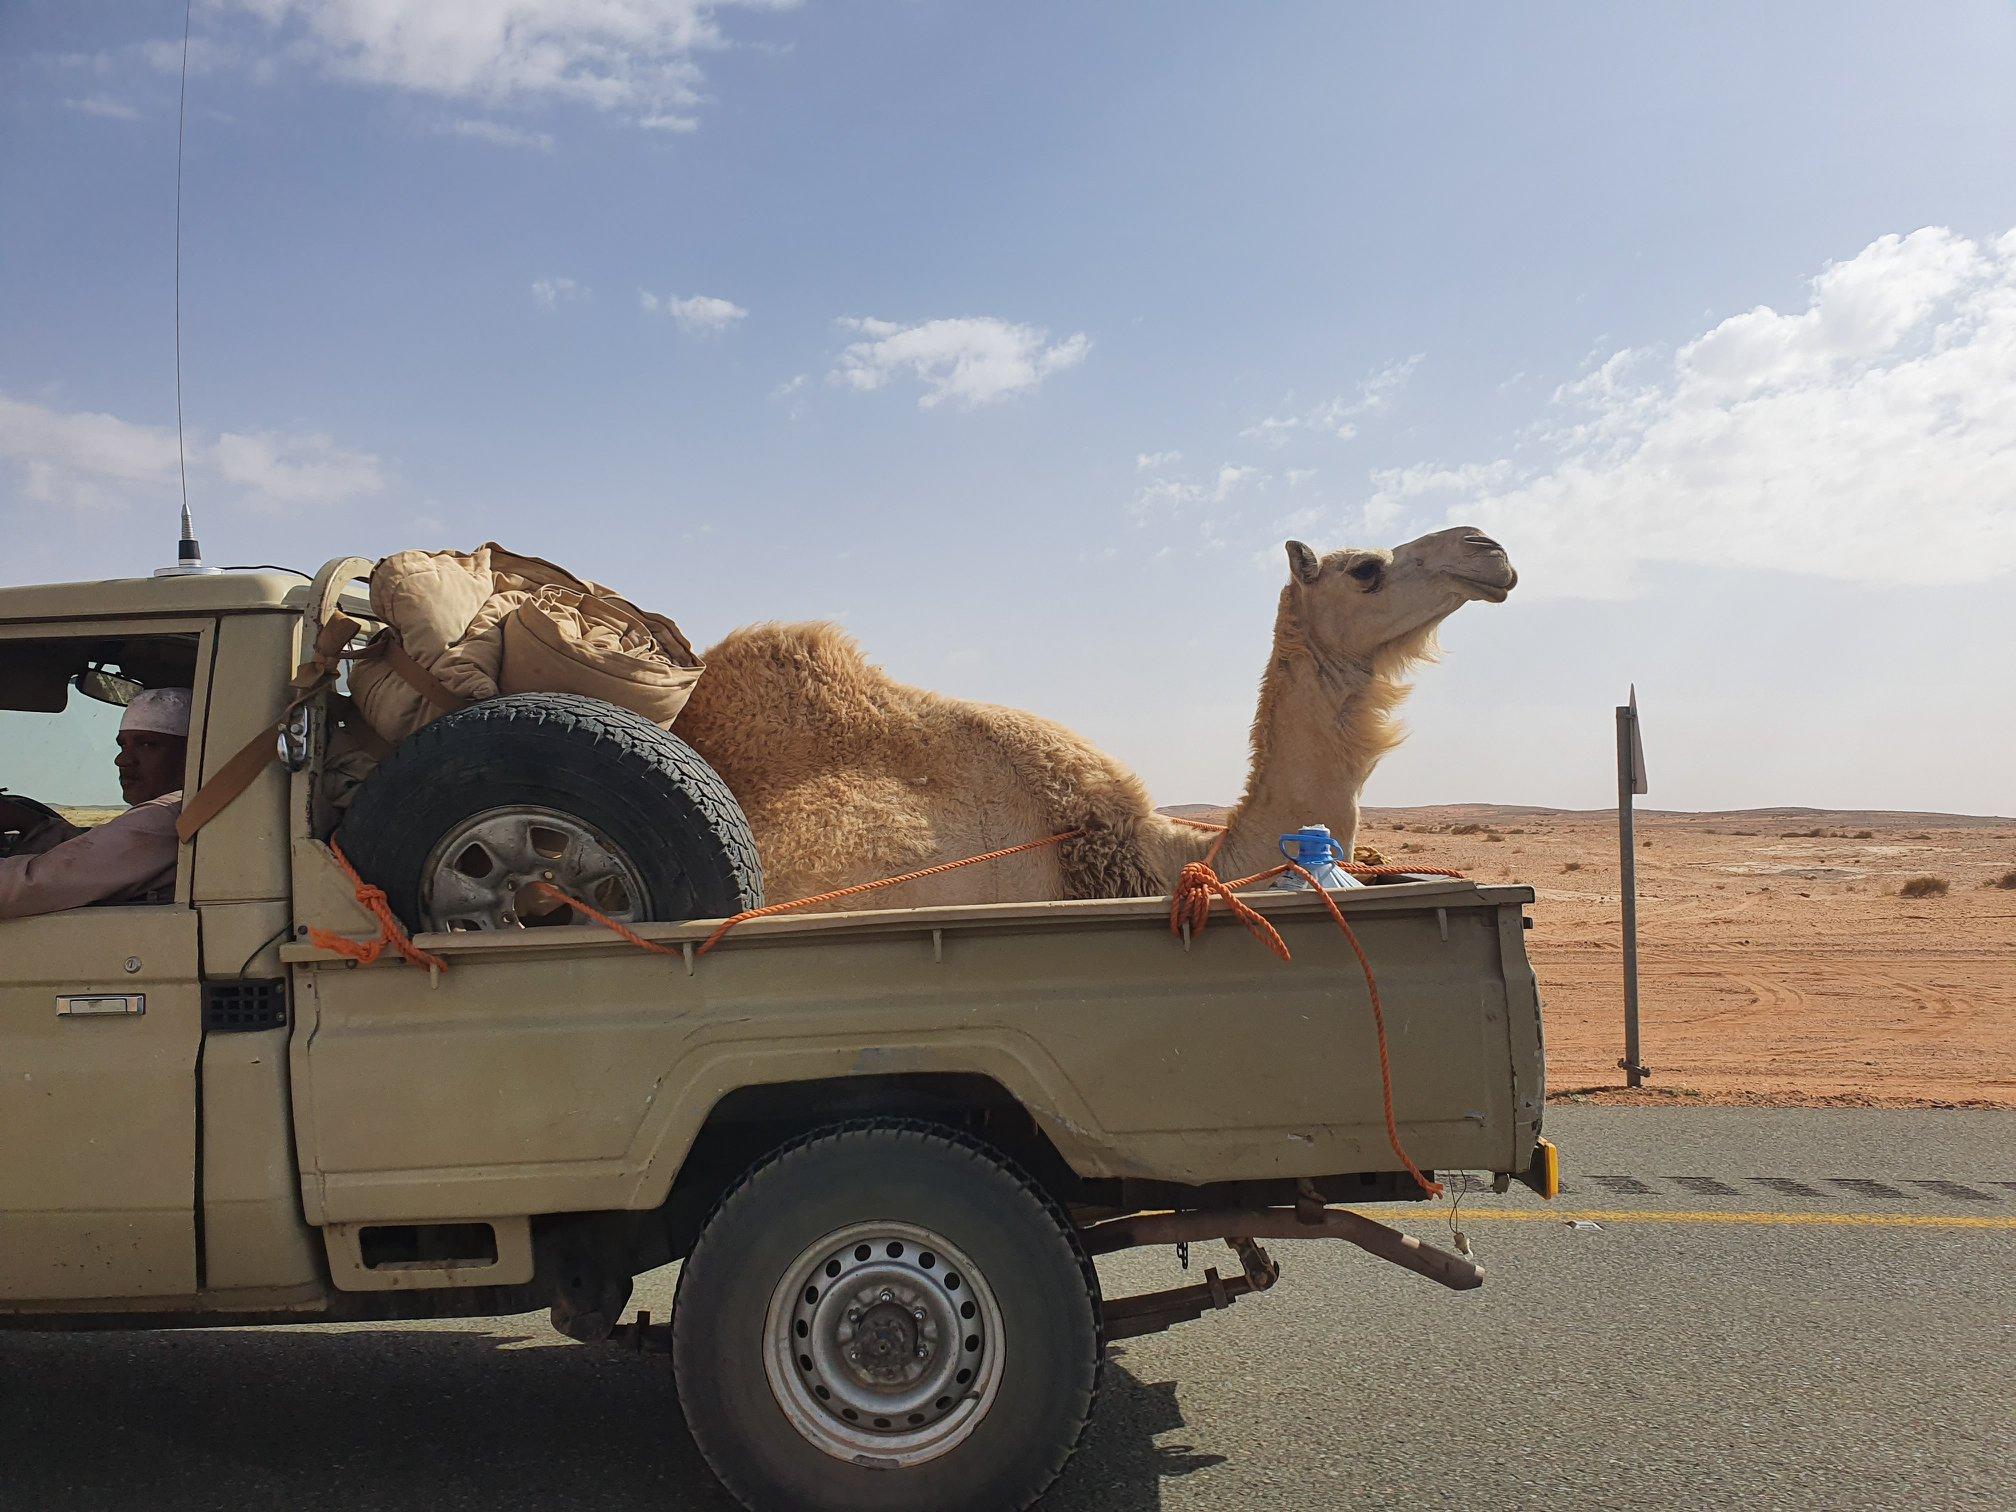 Zápisky z cest: Saúdská Arábie stylově - II. díl